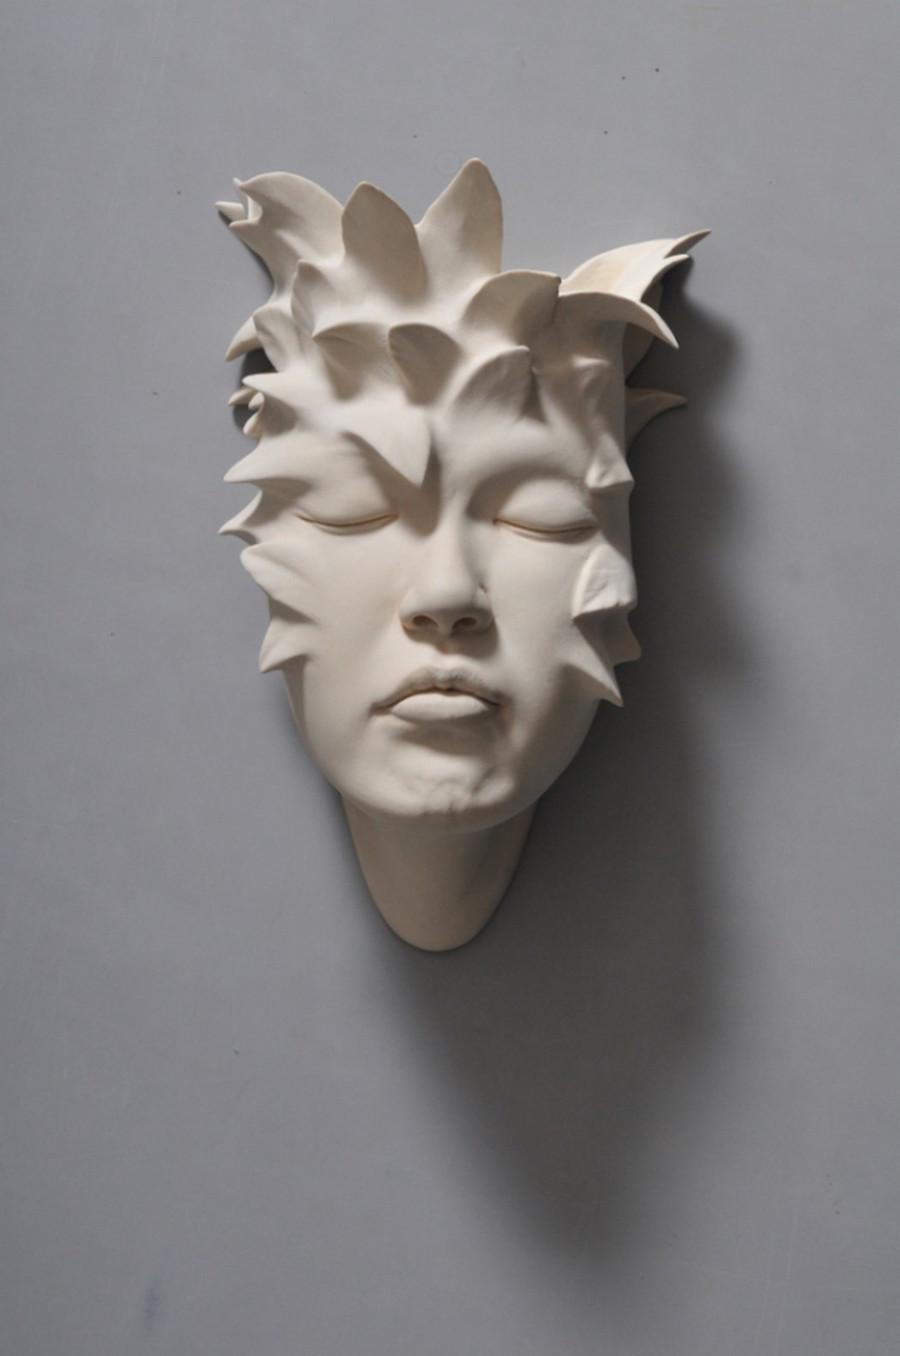 Minti deschise: Sculpturi suprarealiste din portelan - Poza 13